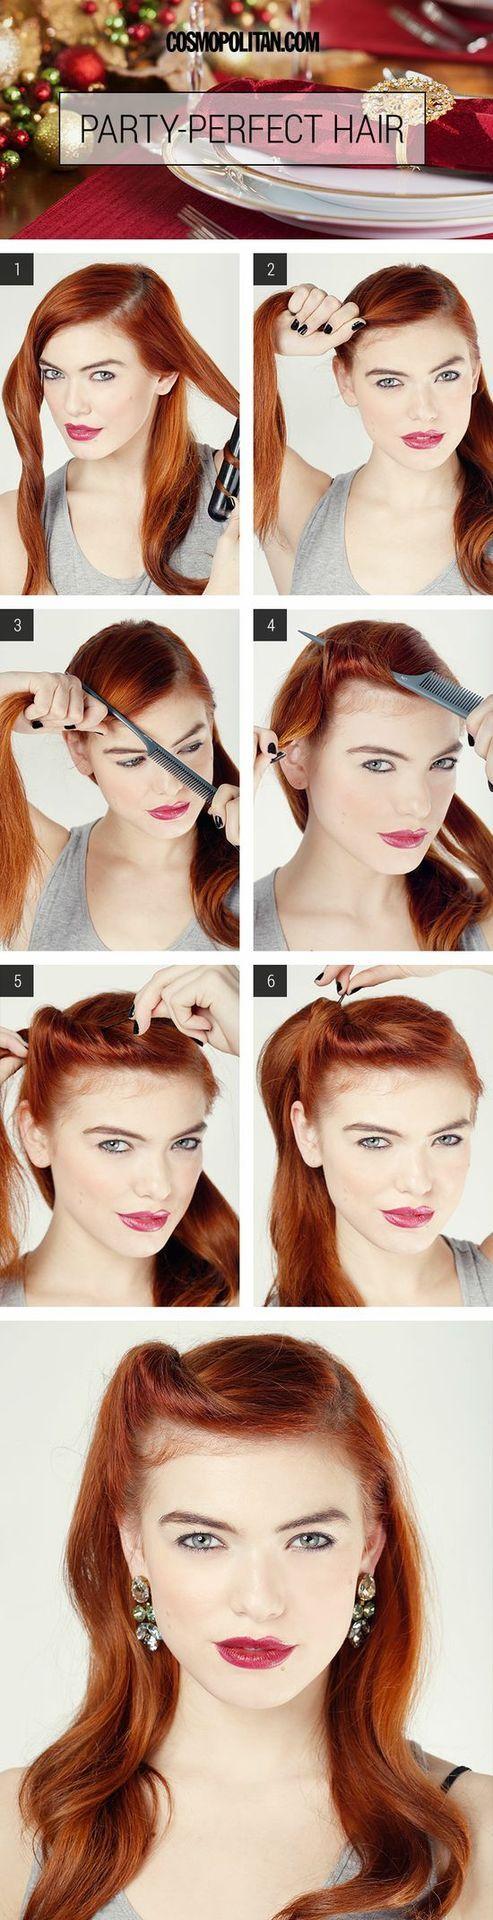 12 Super-Easy Hair L